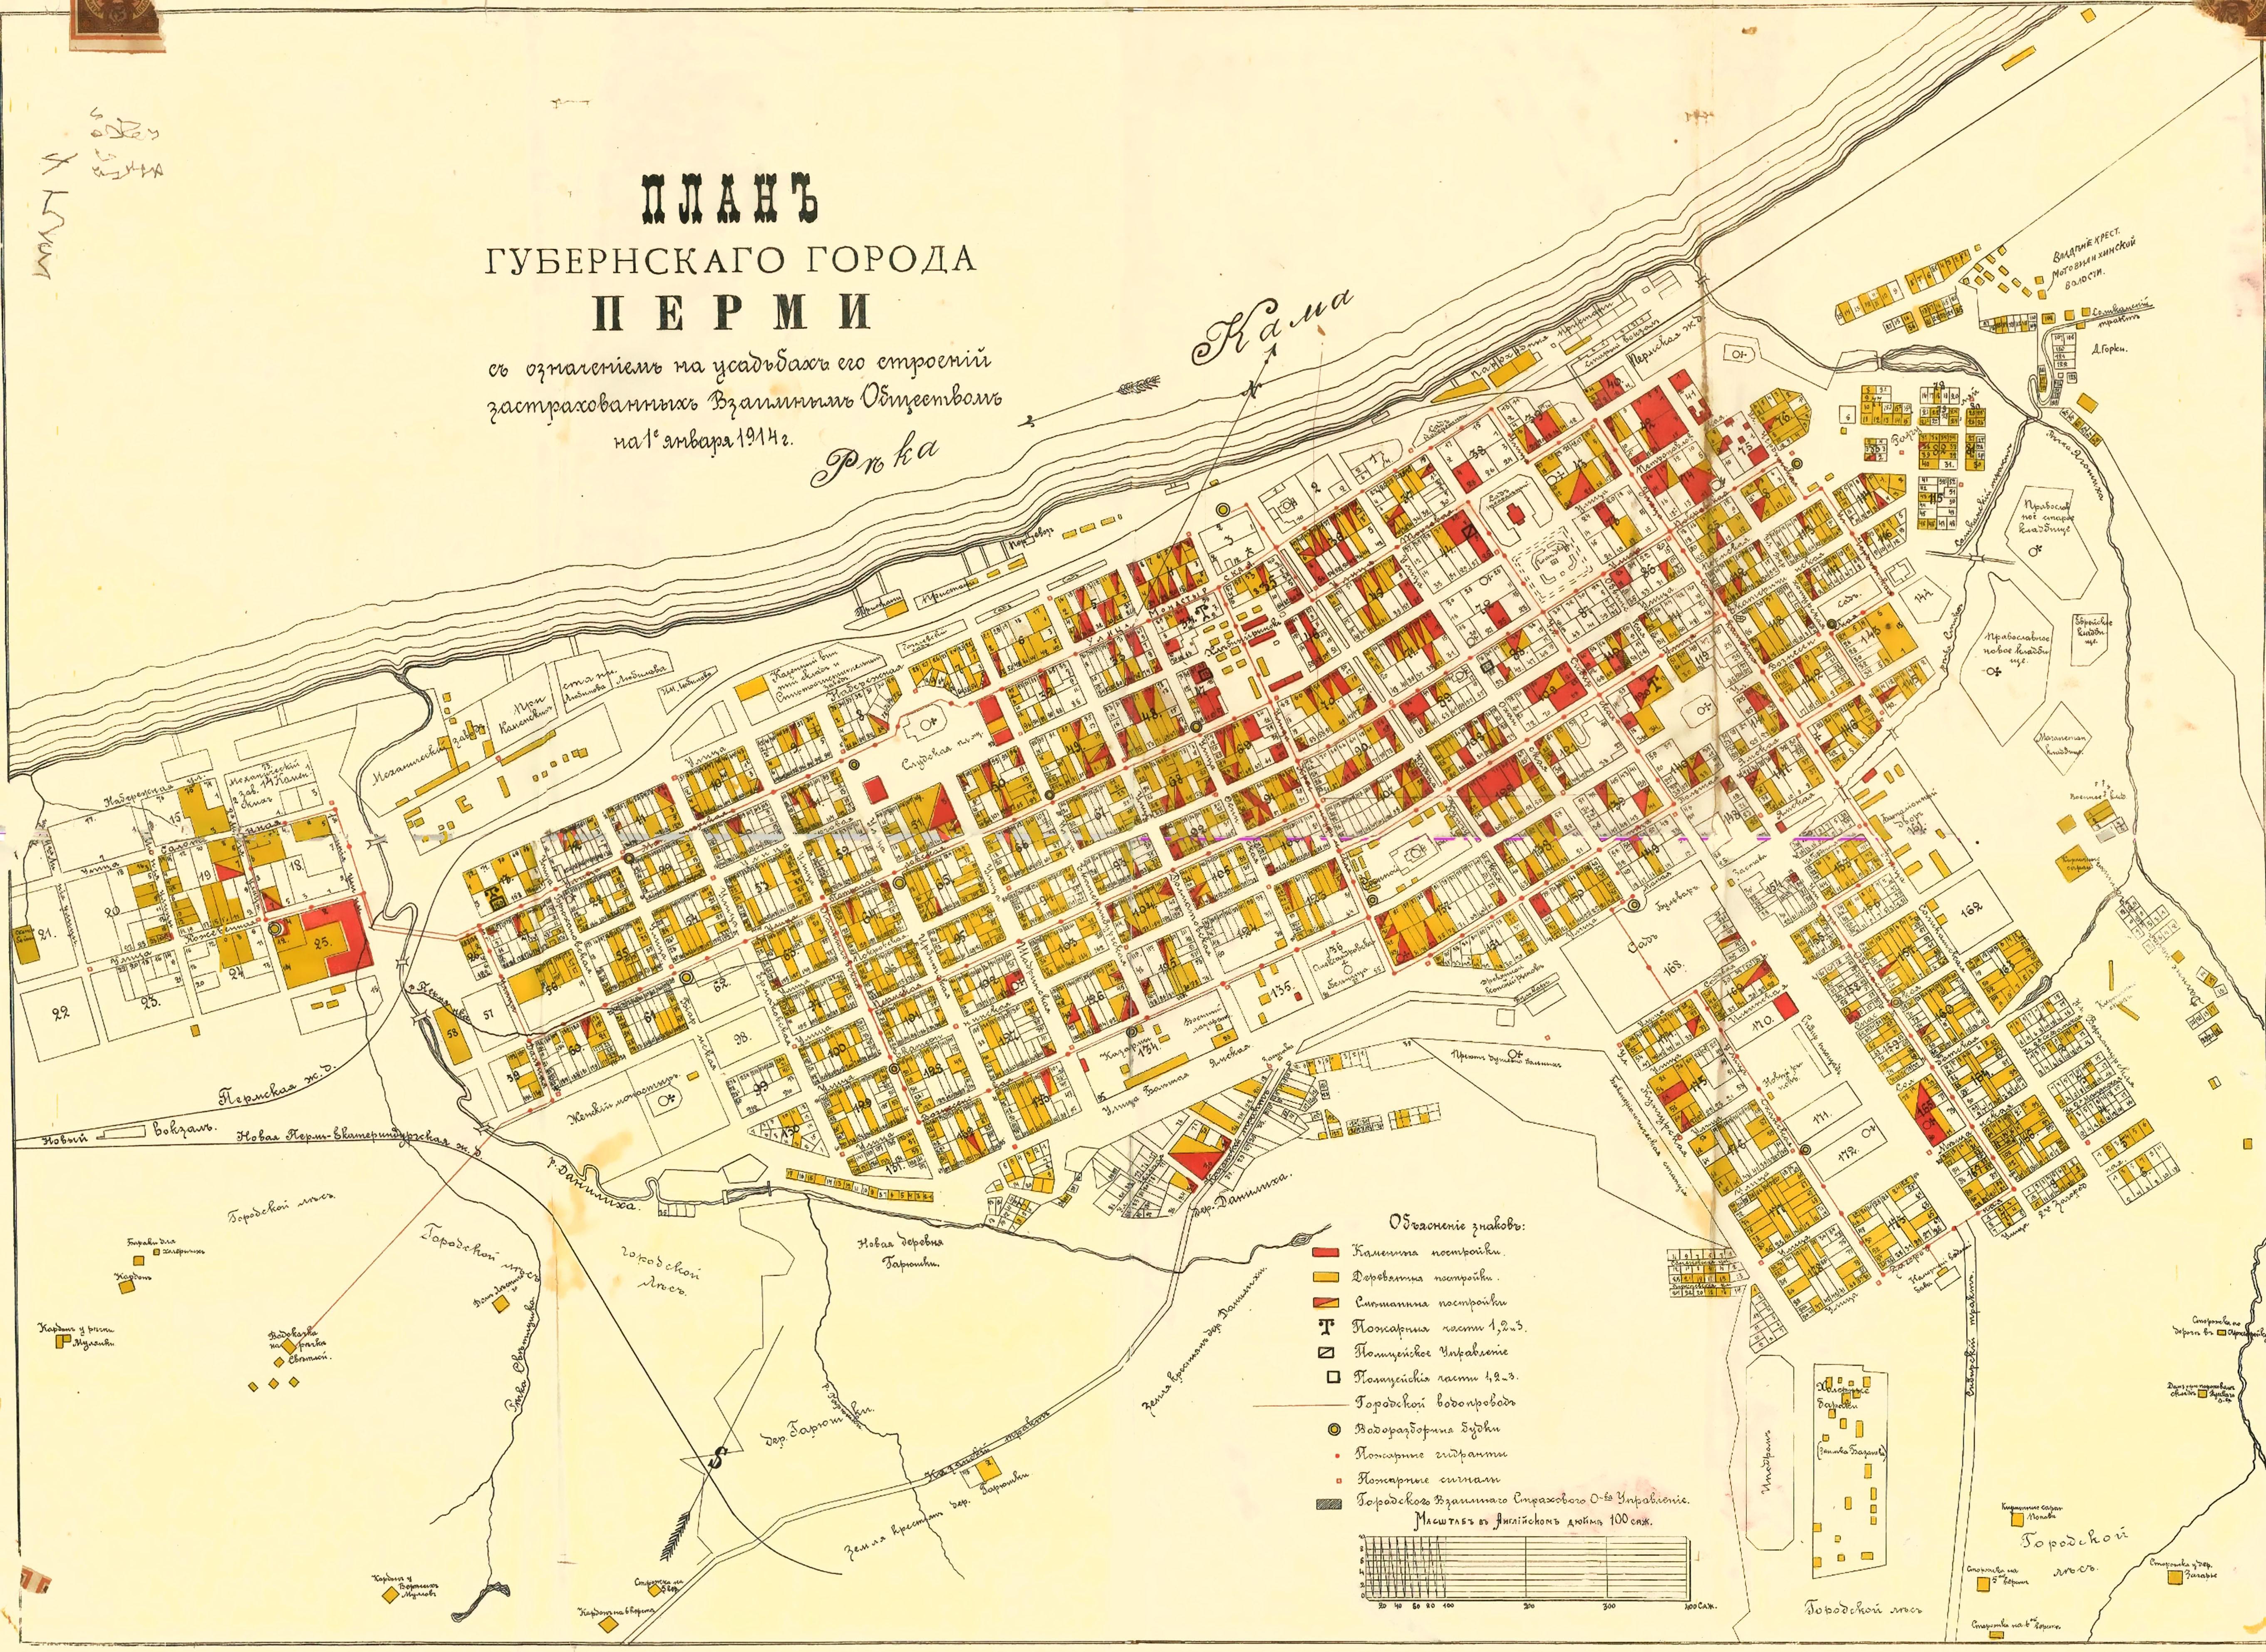 план губернского города перми 1908 есть, напишите коллективное